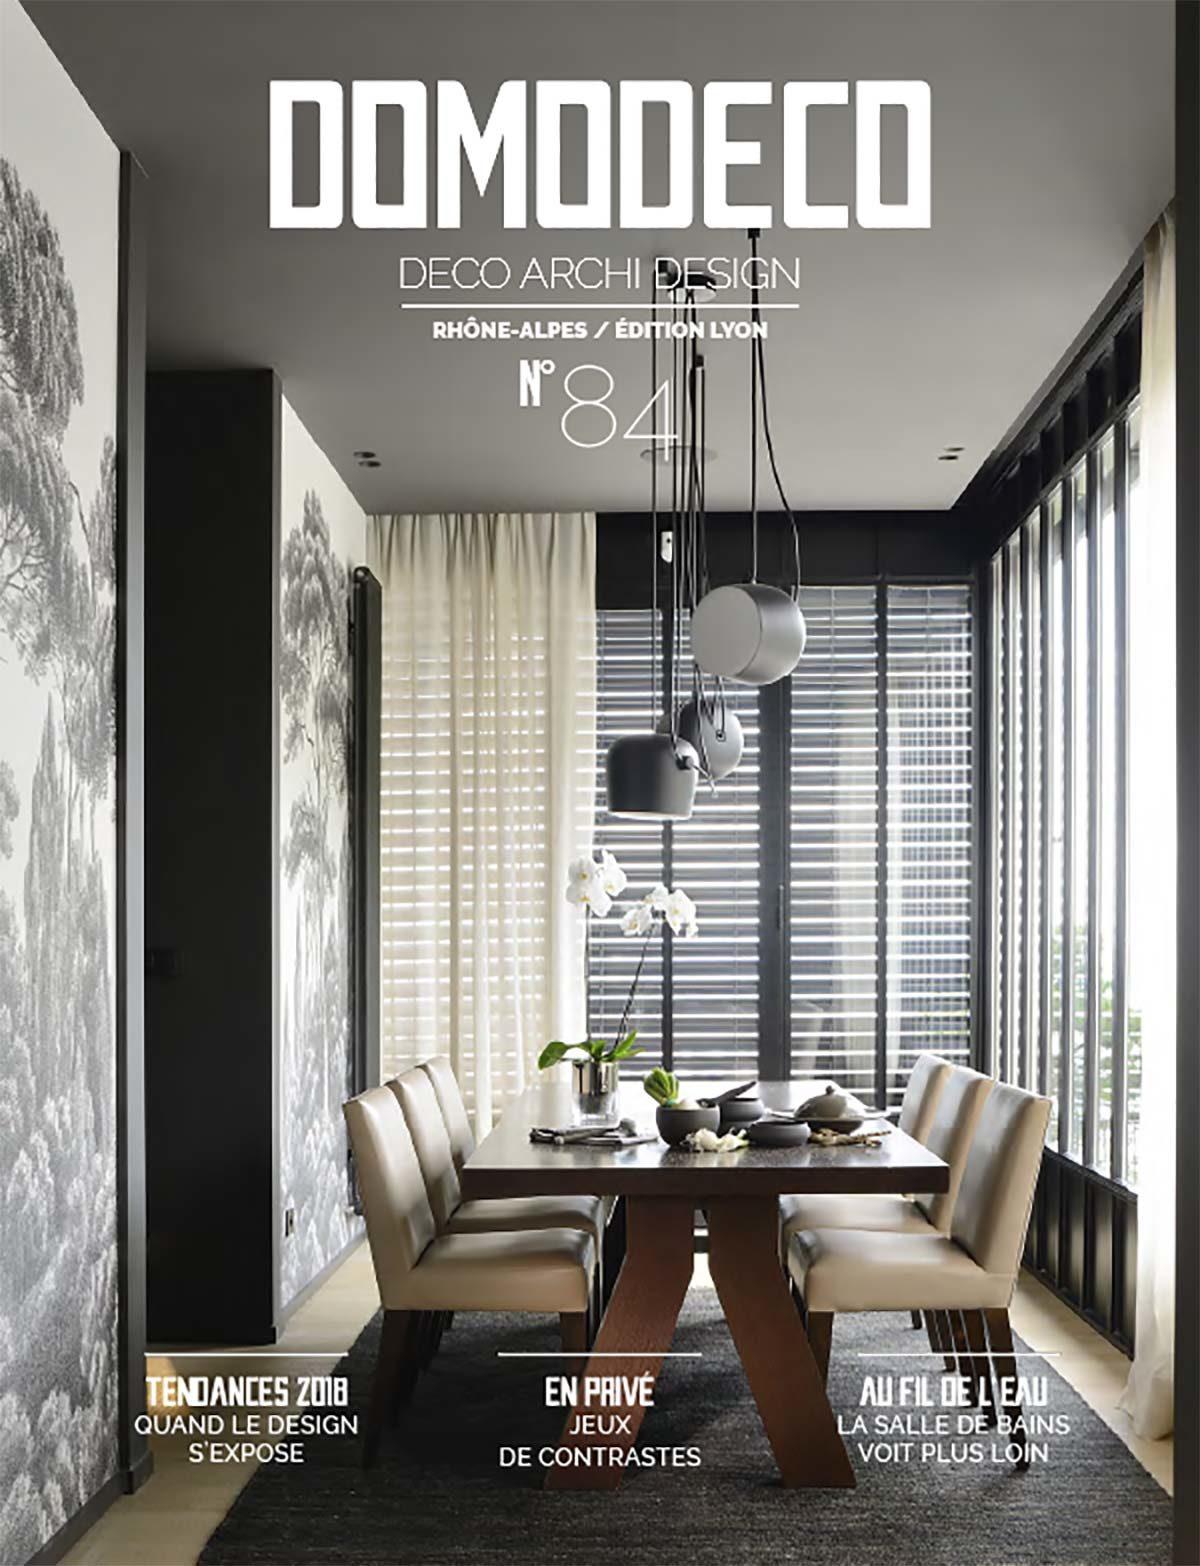 Parution presse Domodeco, octobre 2018. Claude Cartier décoration architecte d'intérieur à Lyon